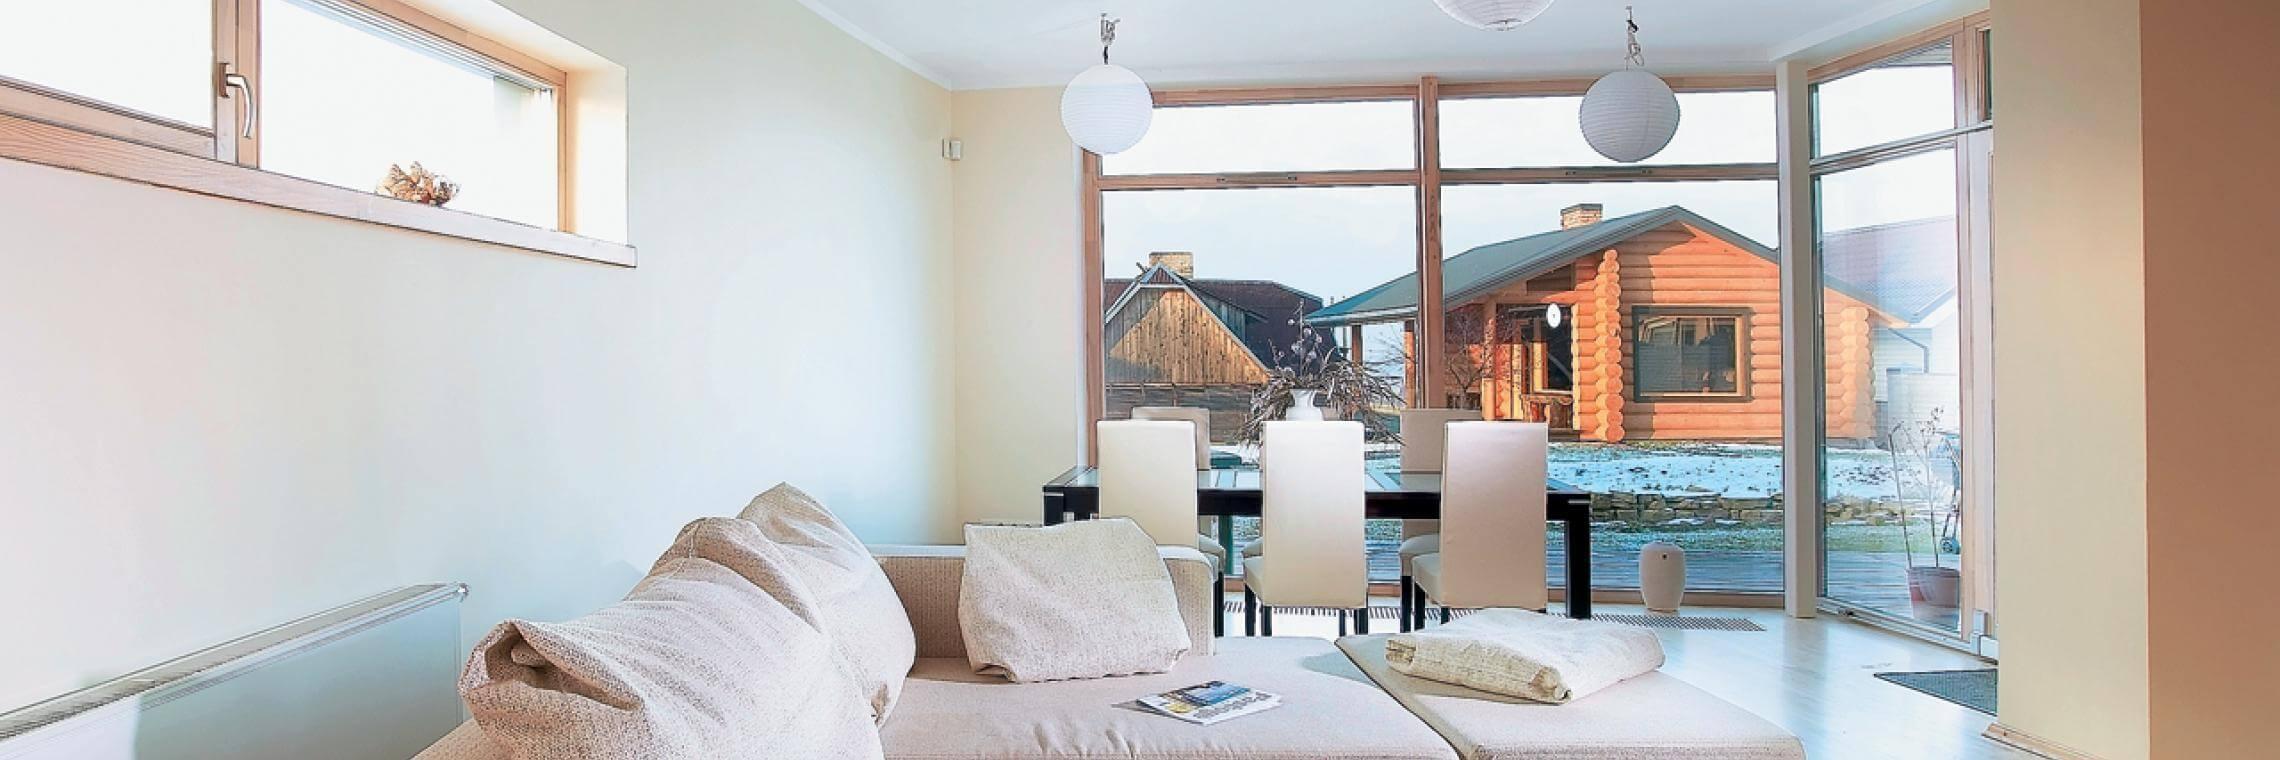 Эко-ремонт квартиры или дома